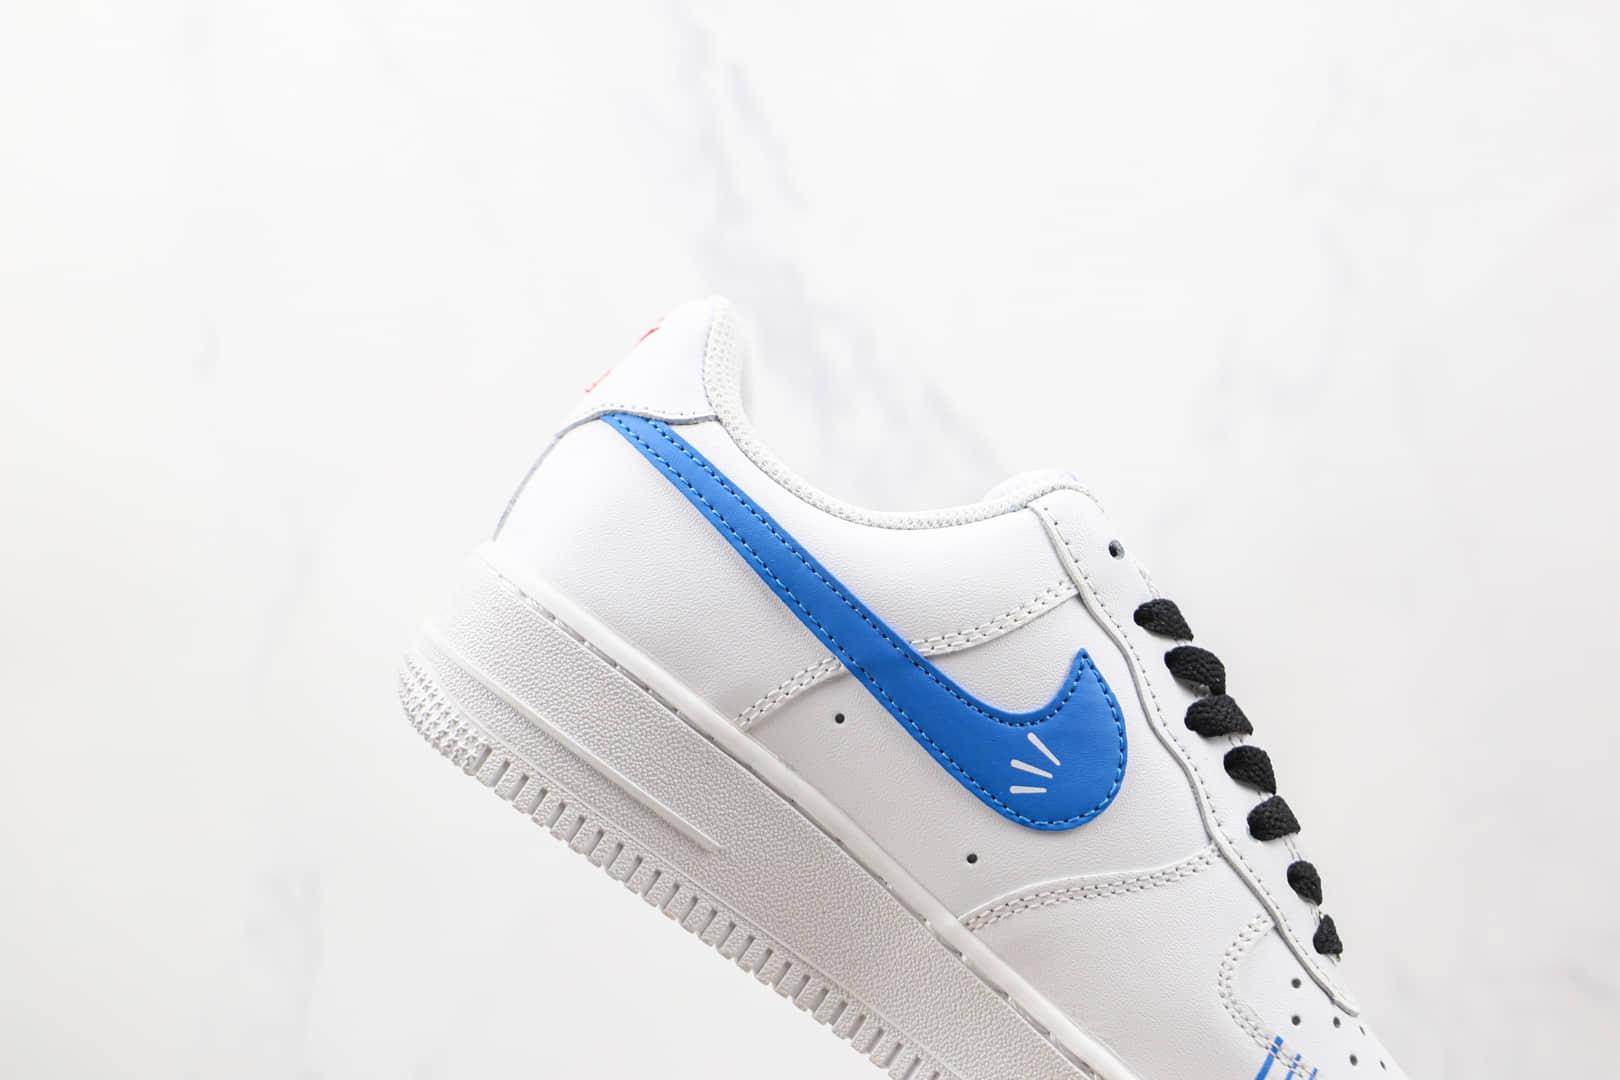 耐克Nike Air Force 1 Low纯原版本低帮空军一号白蓝红色涂鸦板鞋内置气垫 货号:CW2288-111